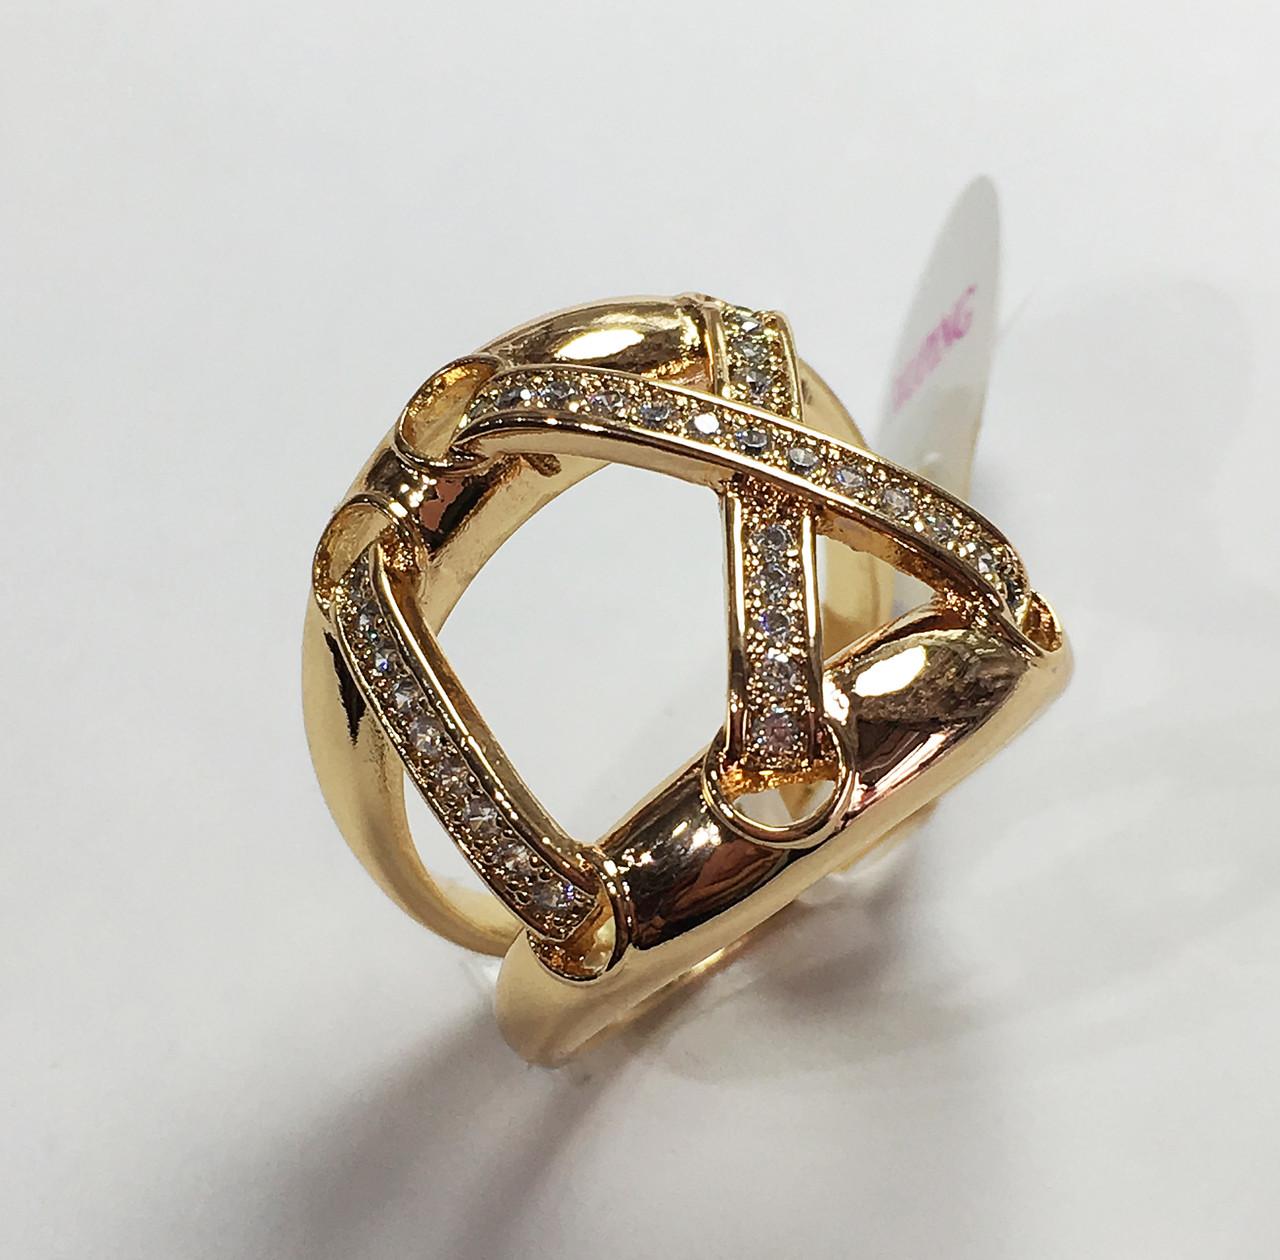 Кольцо Валькирия, размер 17, 18 ювелирная бижутерия XP